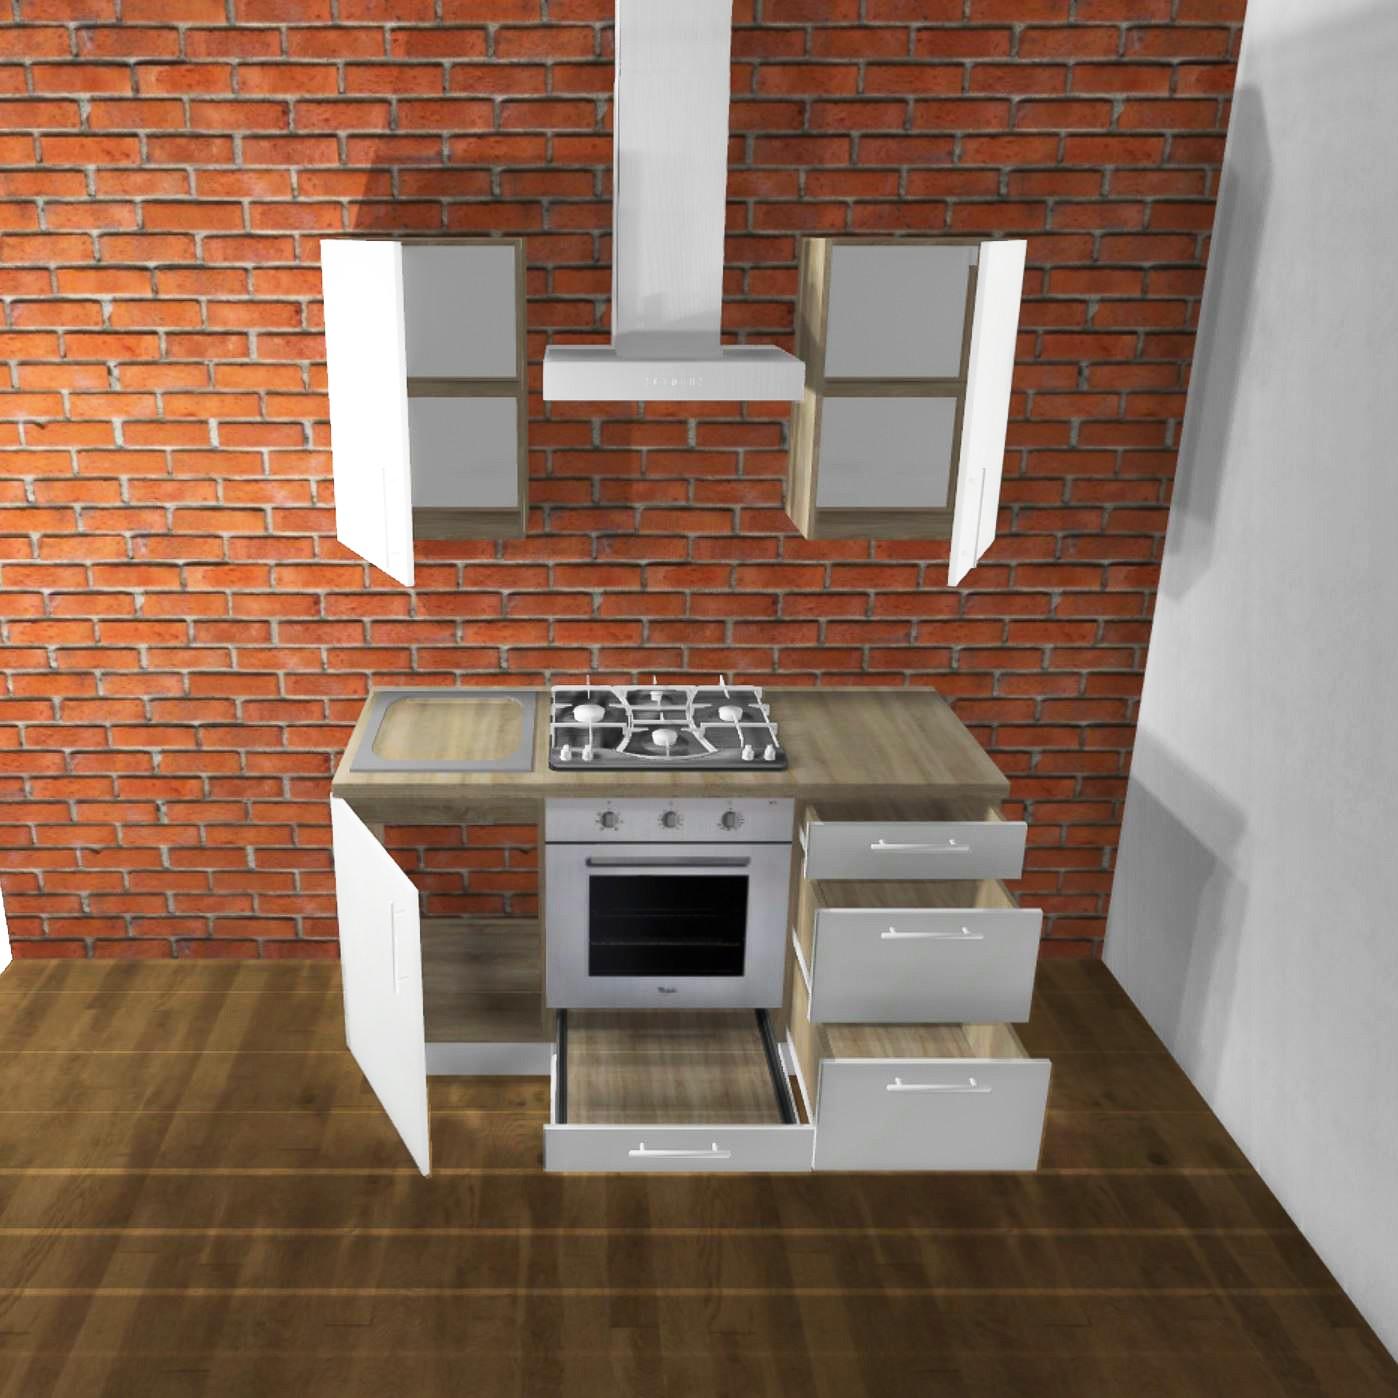 Full Size of Einbauküche Günstig Mit Elektrogeräten Einbauküche Günstig Berlin Kleine Einbauküche Günstig Gebrauchte Einbauküche Günstig Kaufen Küche Einbauküche Günstig